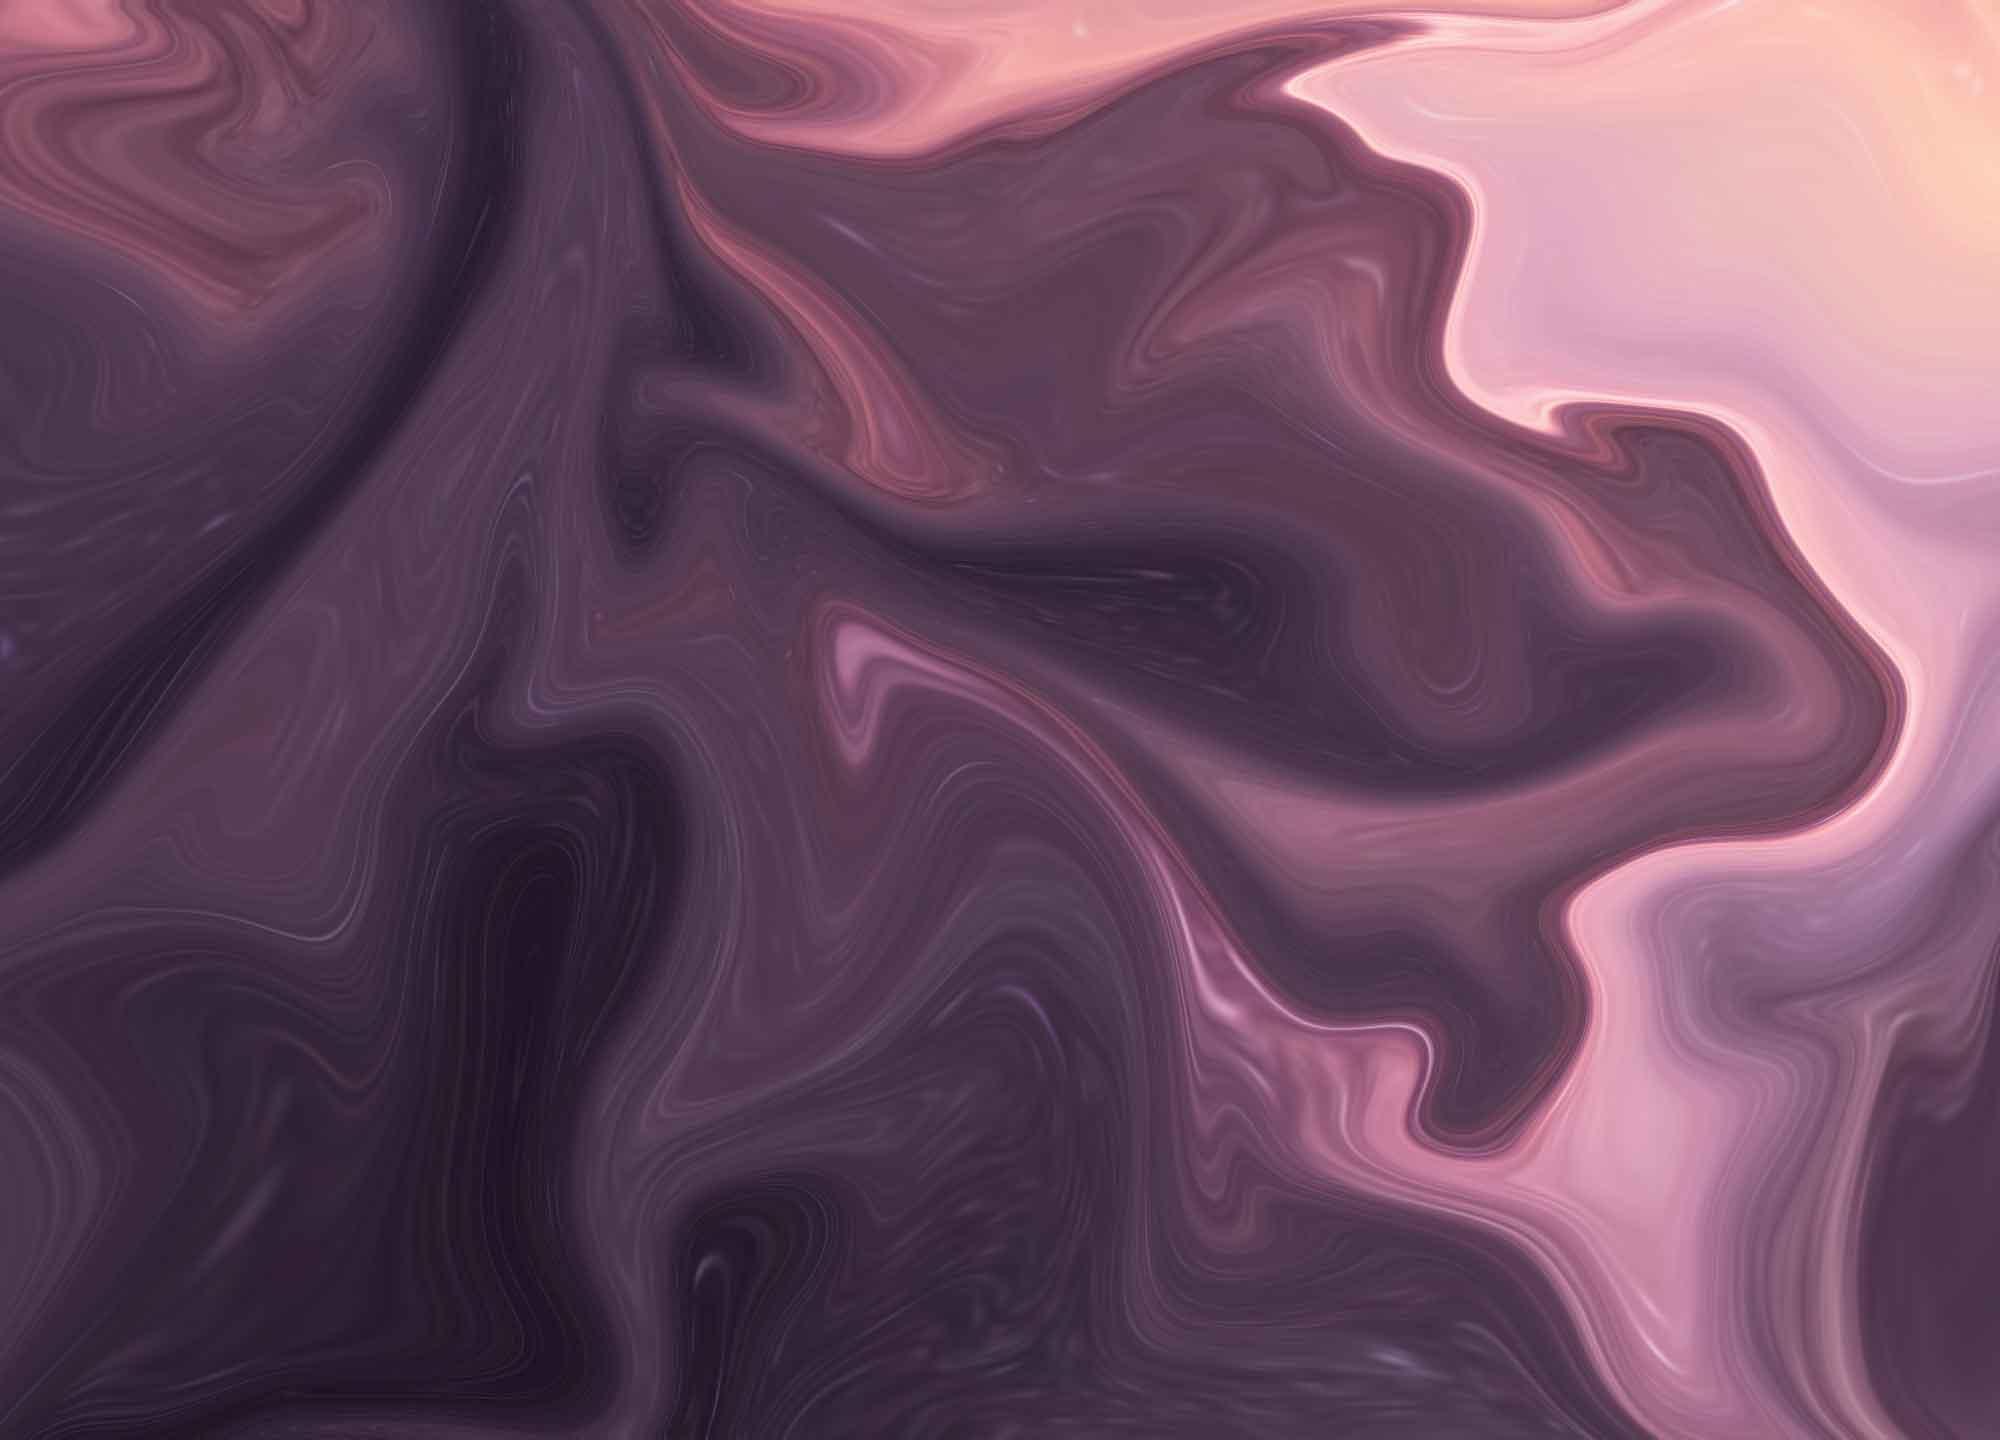 Vibrant Swirl Textures 8